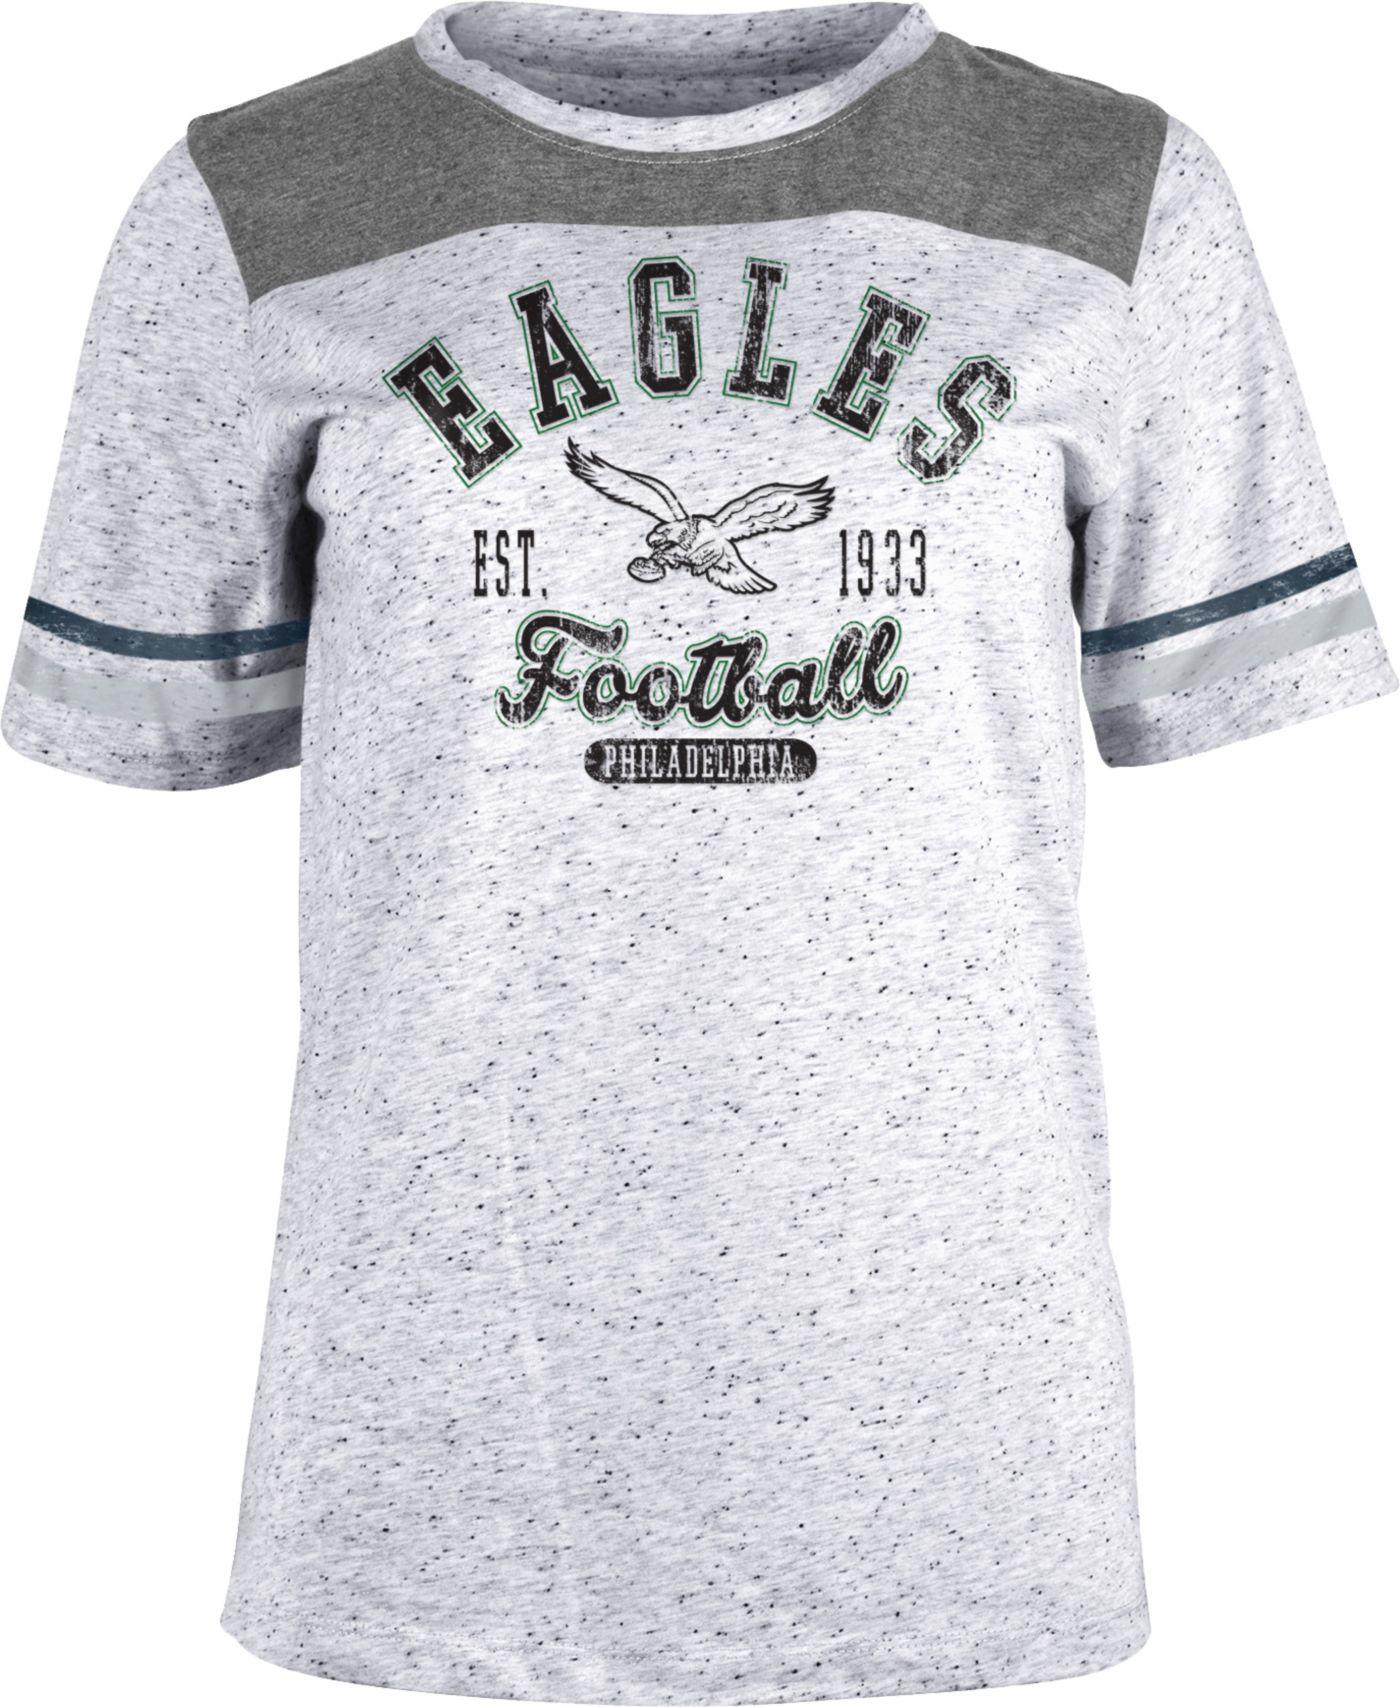 NFL Team Apparel Women's Philadelphia Eagles Peppercorn T-Shirt